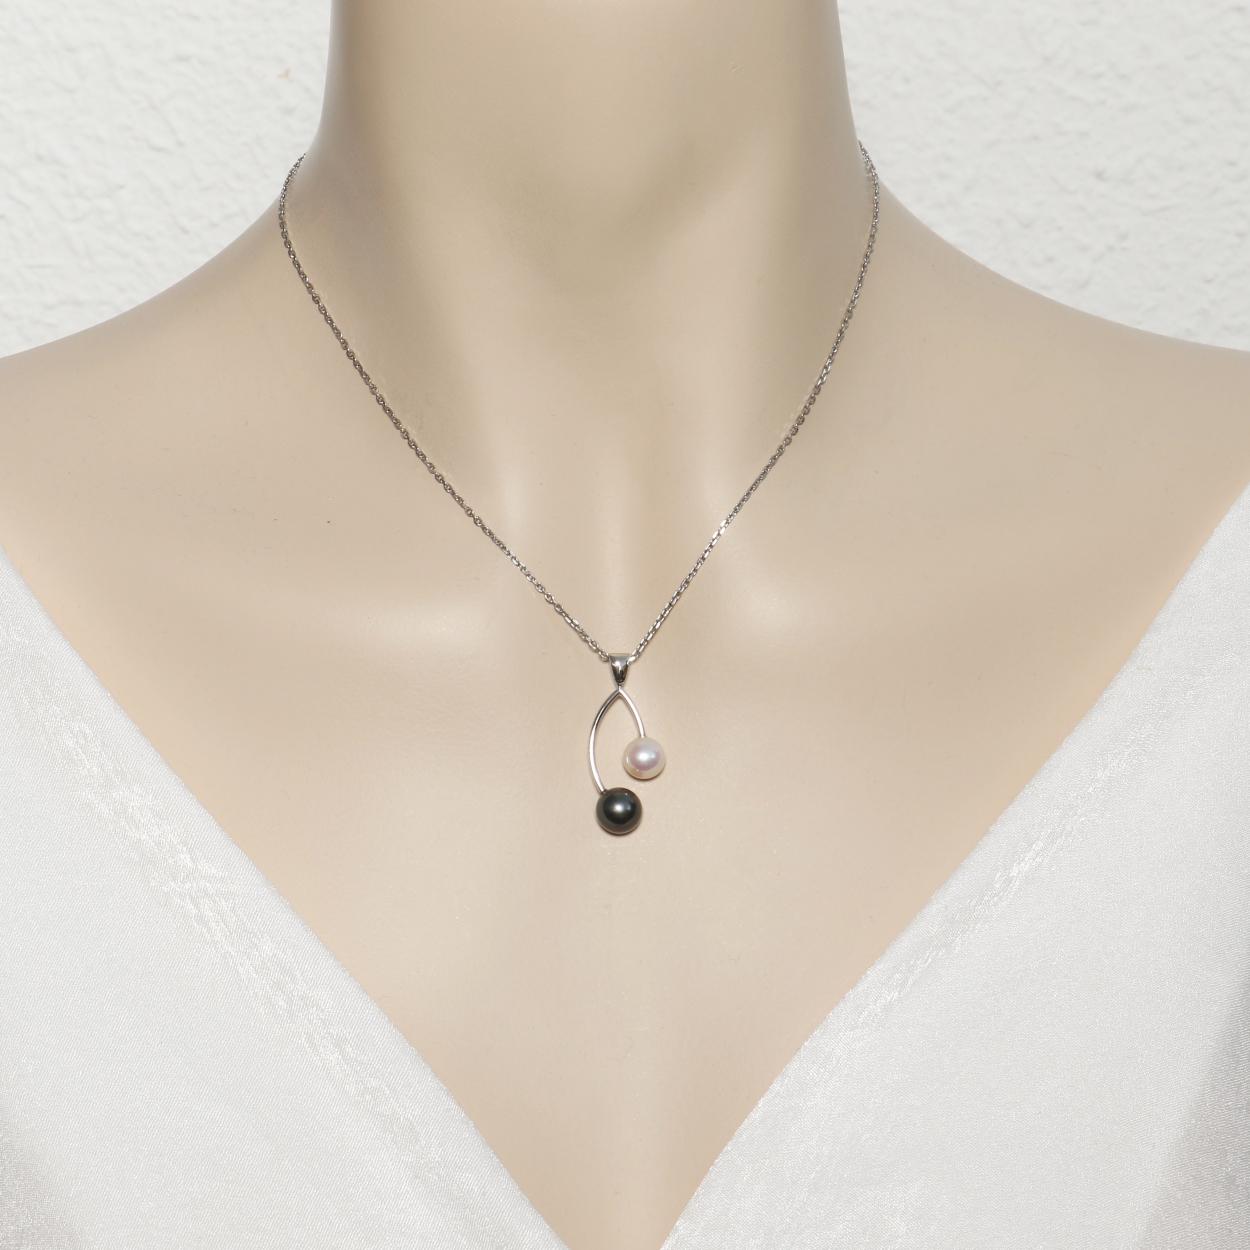 valeur formidable design intemporel outlet à vendre Pendentif Or Blanc 750 Perle de Tahiti et Perle blanche Ref. 41440 |  Bijouterie Trabbia Vuillermoz